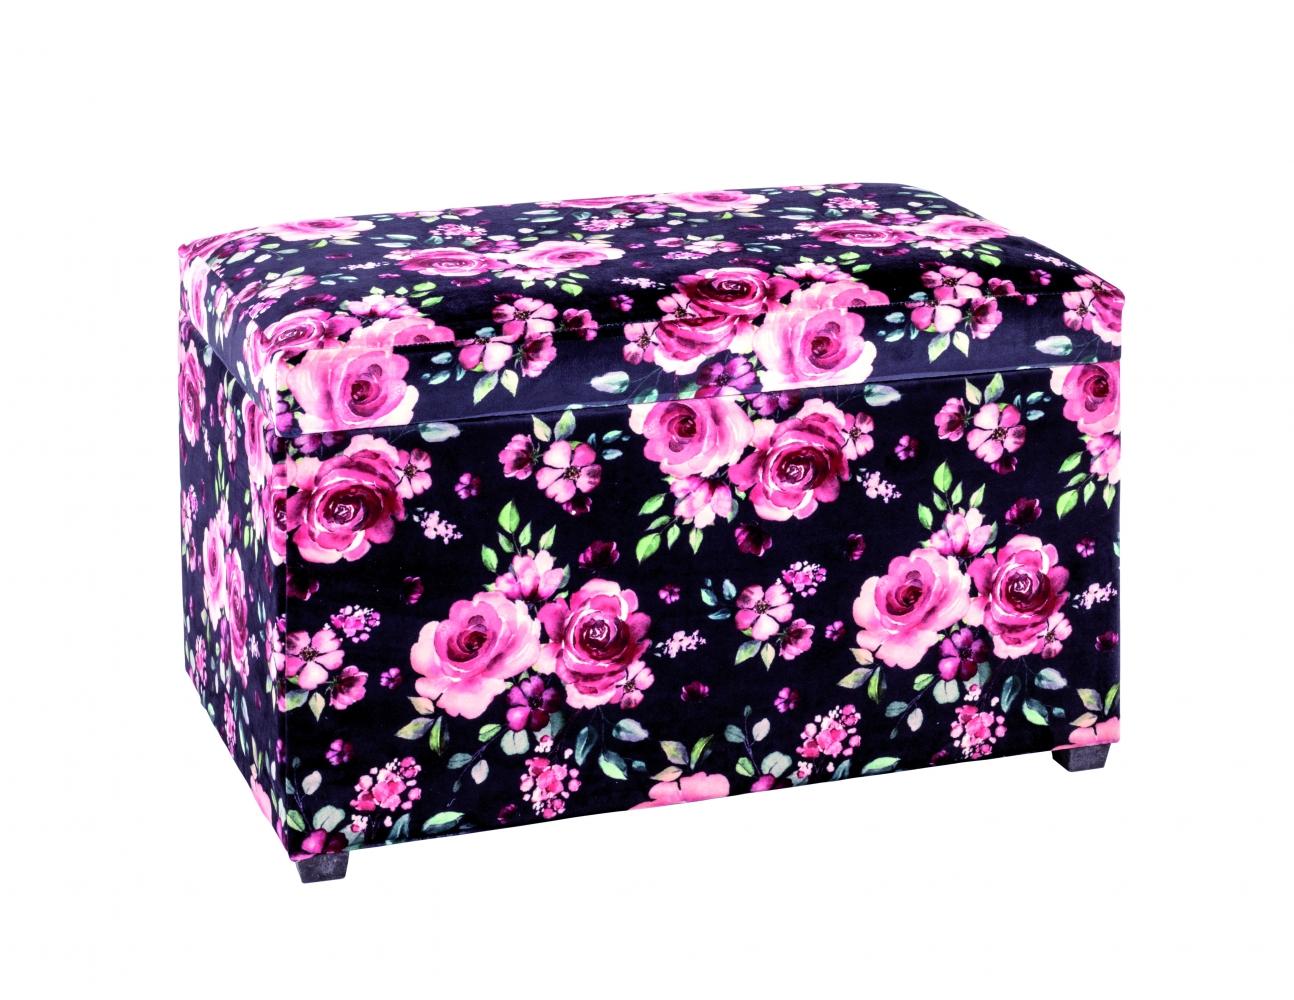 Sedák Rose s úložným prostorem, 65 cm, černá